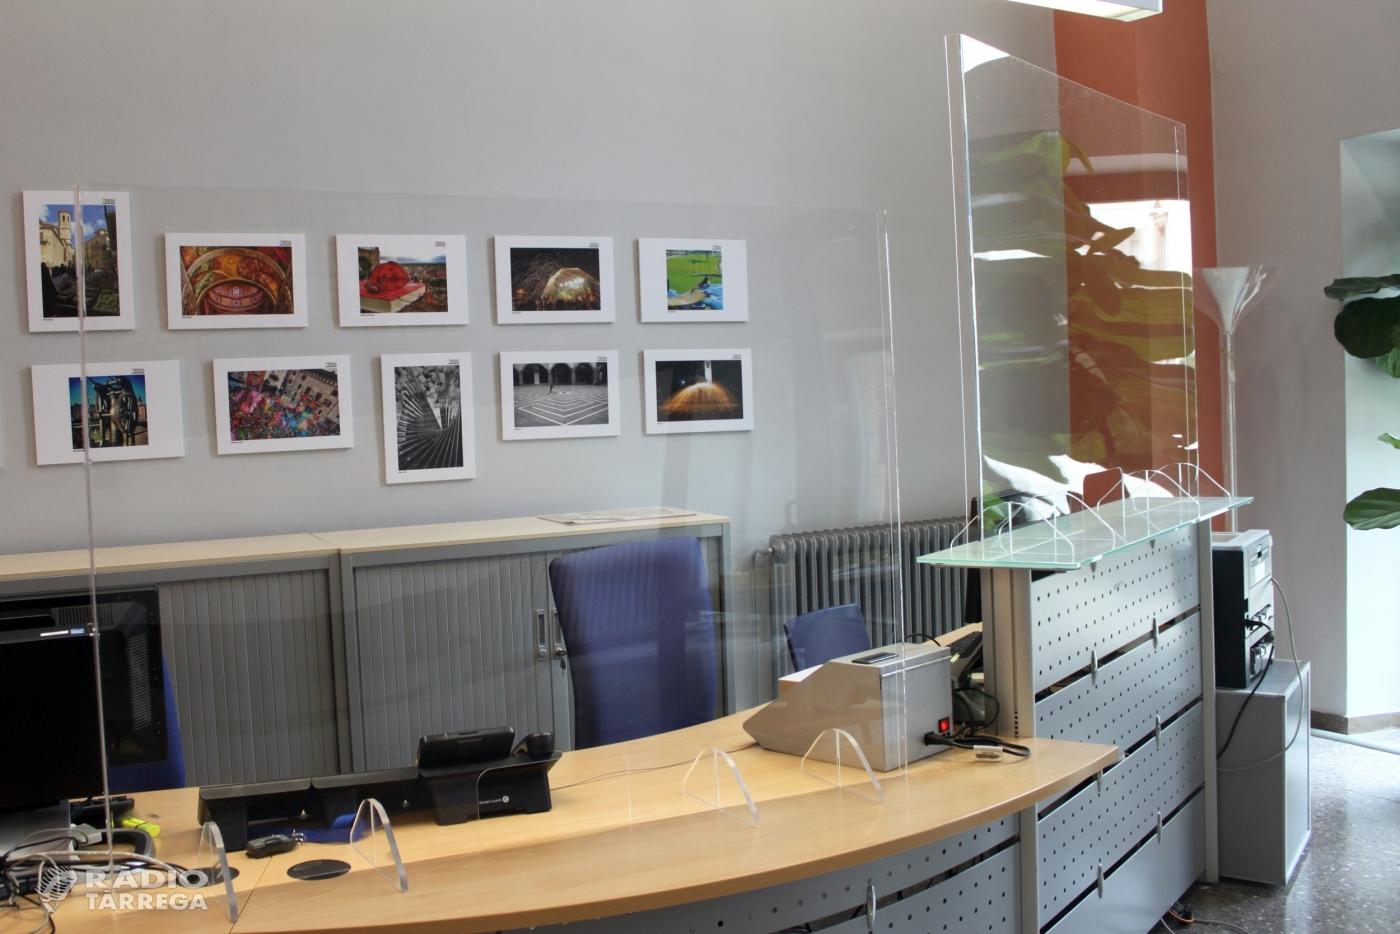 L'Ajuntament de Tàrrega instal·la les primeres mampares de protecció a l'Oficina d'Atenció Ciutadana